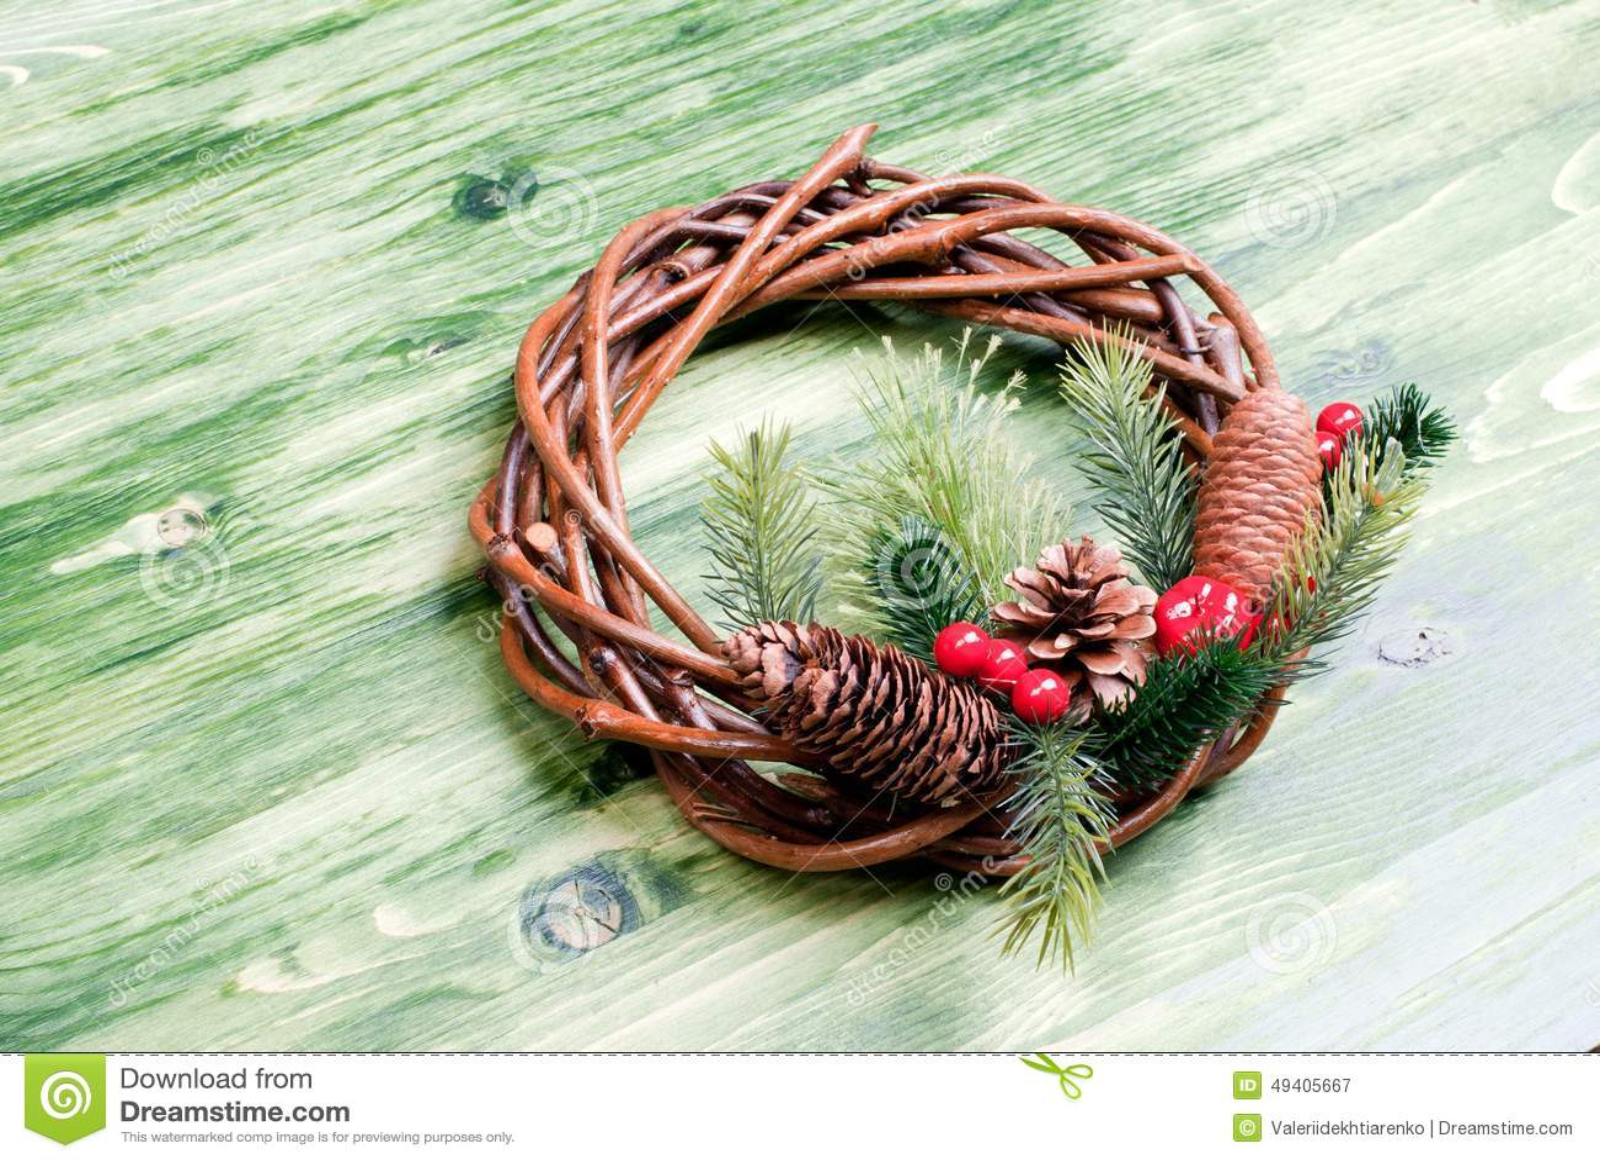 Download Weihnachtskranz Von Zweigen Mit Kiefernnadeln Und Von Kegeln Auf Einem Grün Stockbild - Bild von noel, hängen: 49405667